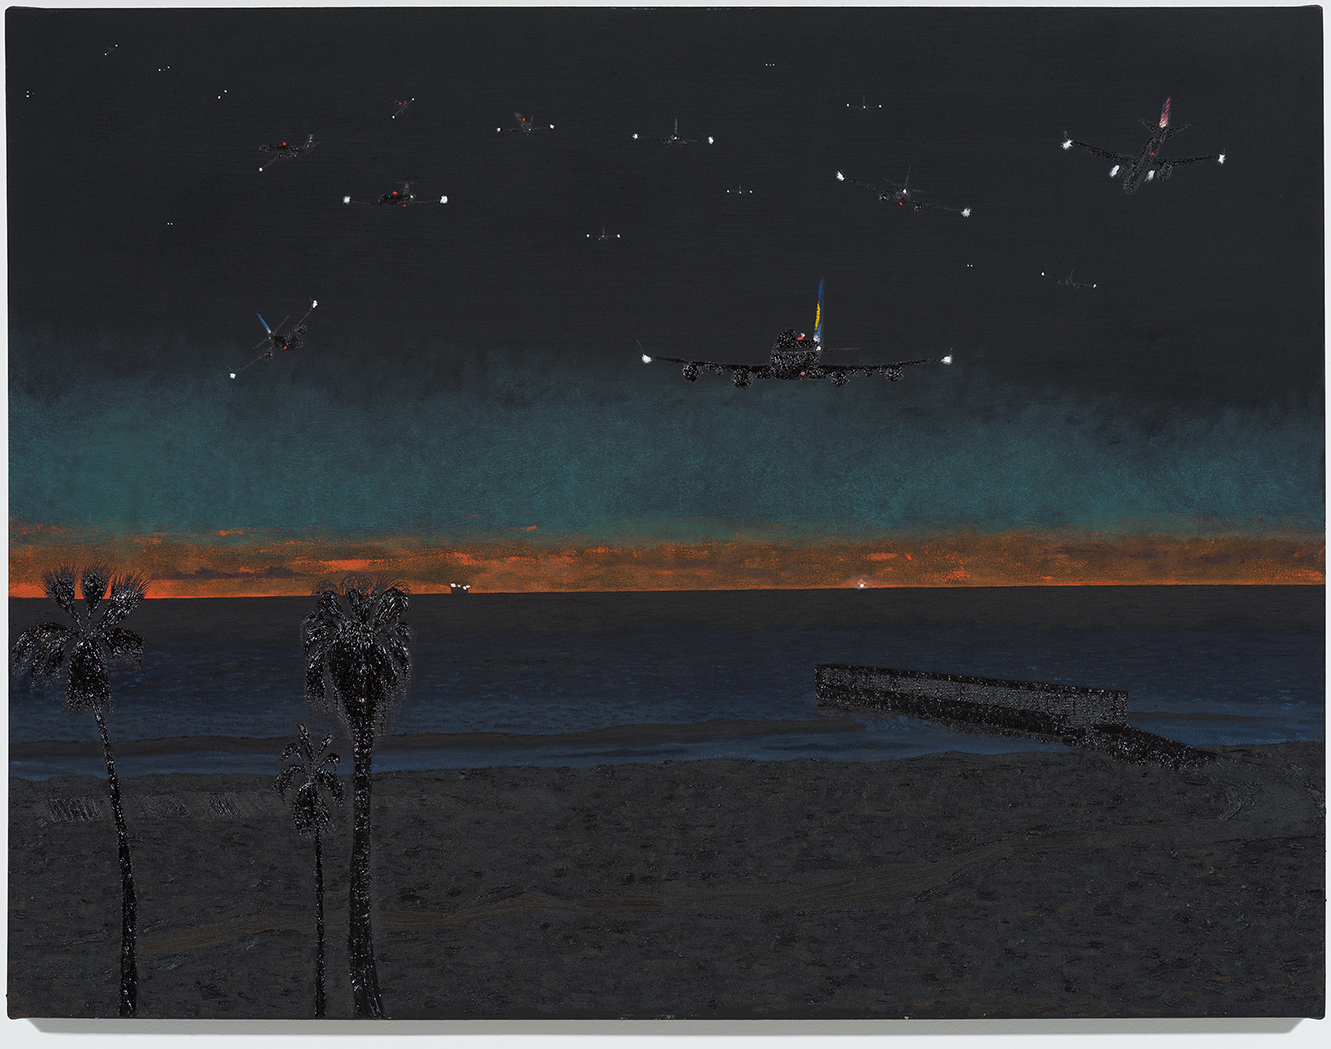 Cole Case, Vista Del Mar Nocturne (2016), courtesy of the artist and Chimento Contemporary.